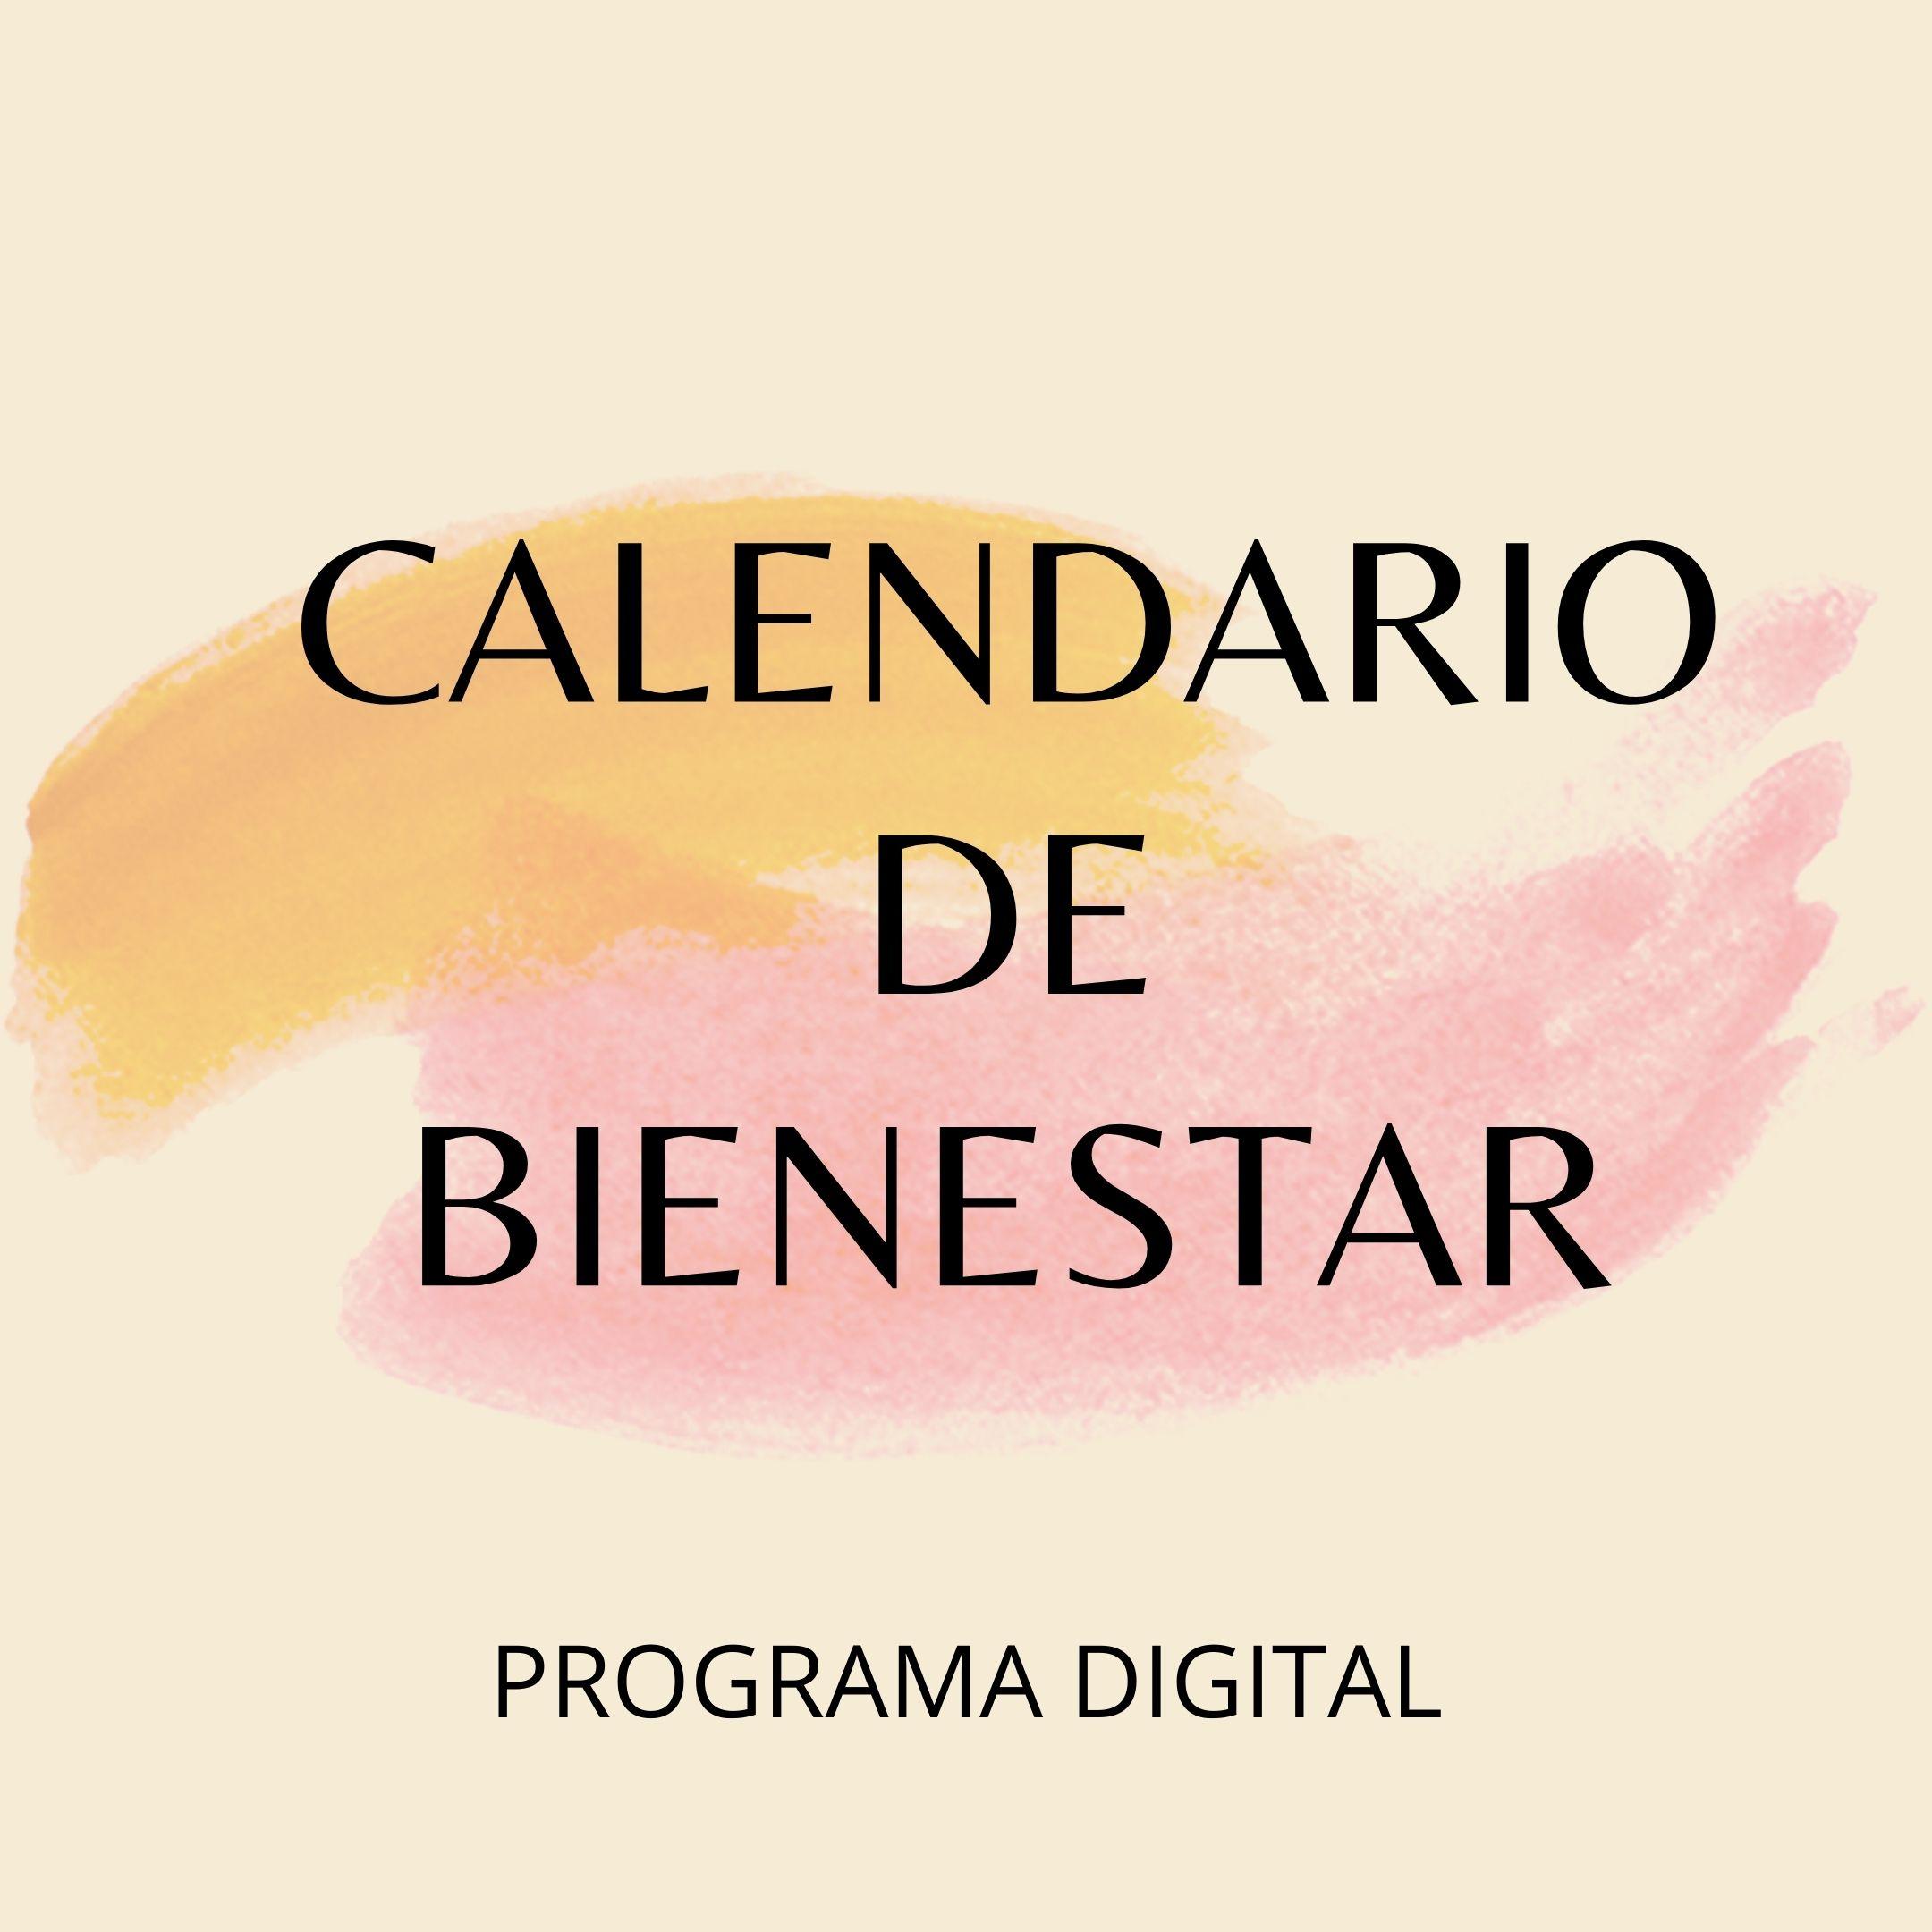 CALENDARIO DE BIENESTAR. Un año de trabajo interior